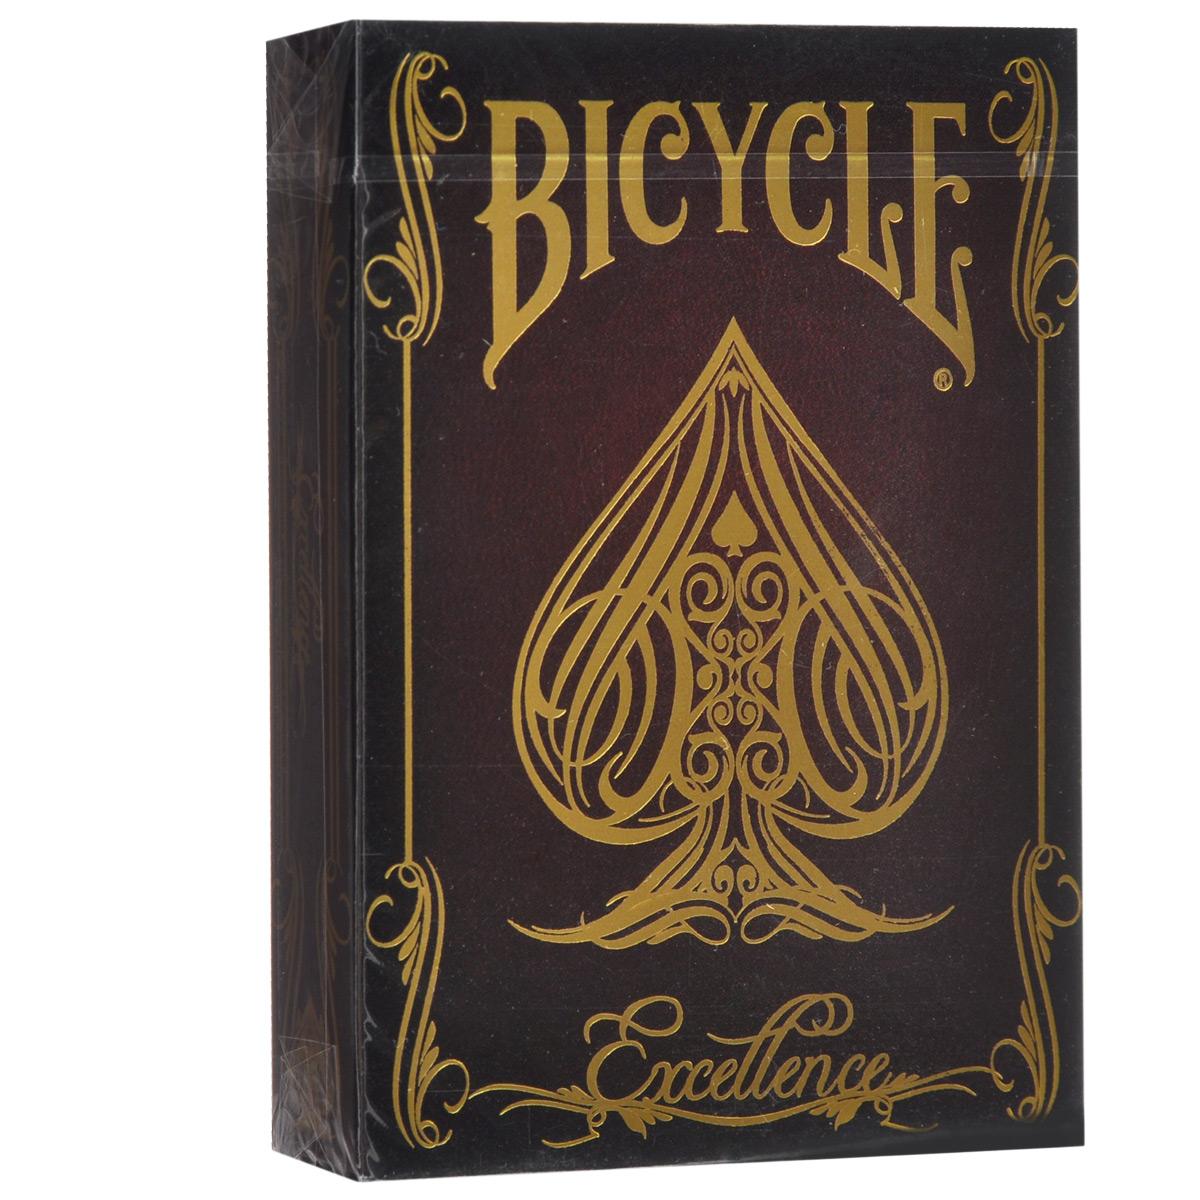 Игральные карты Bicycle Excellence - Совершенство, цвет: коричневыйК-447Игральные карты Bicycle Excellence - Совершенство изготовлены из многослойного картона с пластиковым покрытием, которое сохранит карты от выцветания и изнашивания. Колода из серии премиальных карт, специально выпускаемых заводом. Для изготовления этой колоды использовались лучшие материалы и передовые технологии в производстве игральных карт. Идеальный вариант как для новичков, так и для профессионалов. Карты идеально подходят для фокусов, пасьянсов и карточных игр. Для настоящих ценителей.